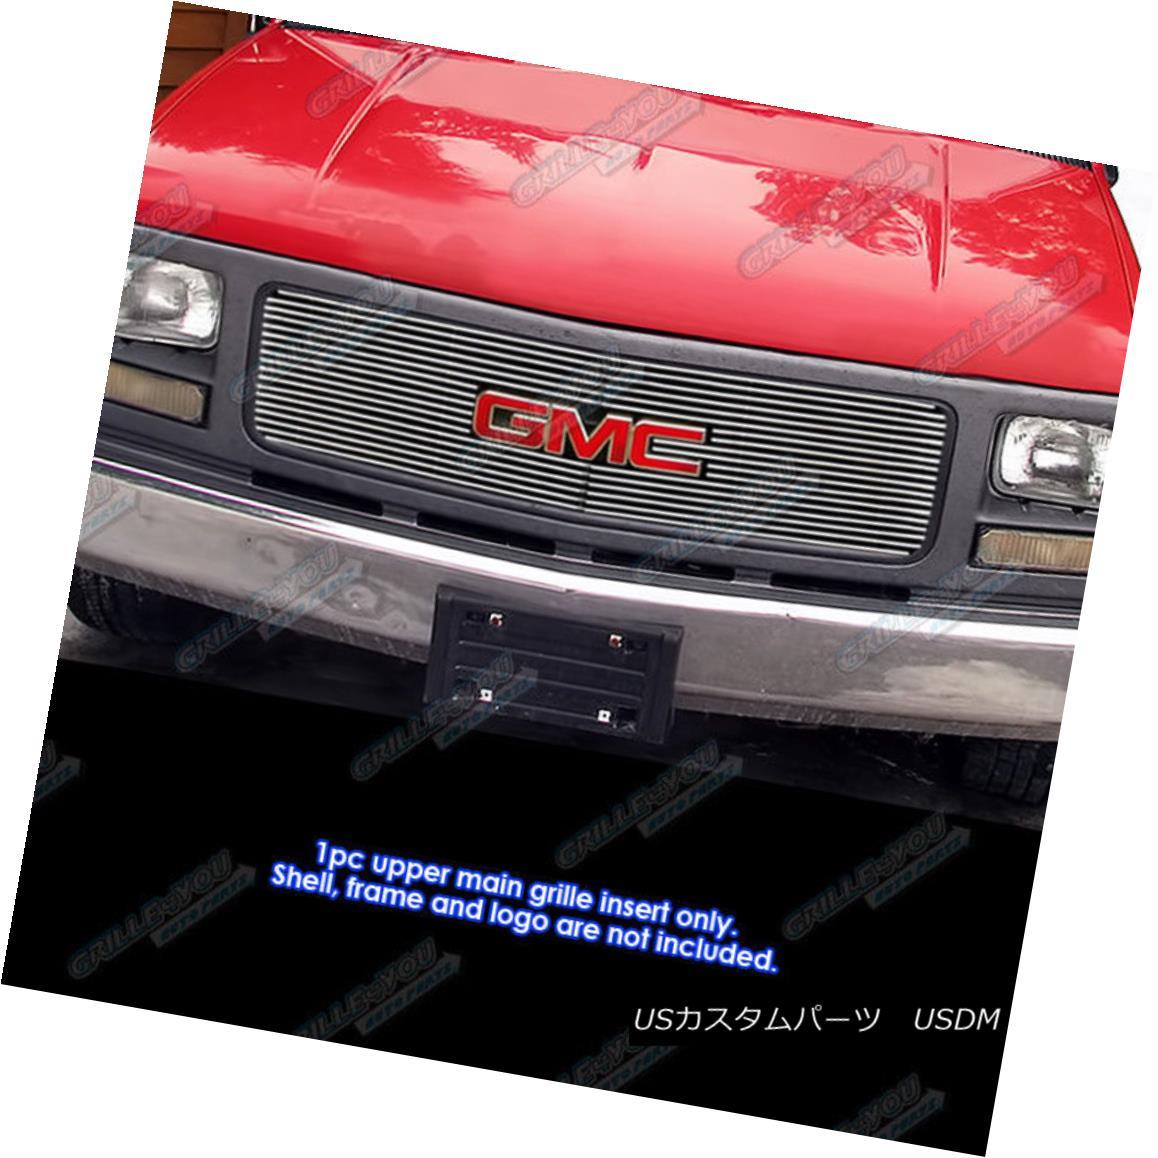 グリル For 94-98 GMC C/K Pickup/94-99 Suburban/Yukon Single Lights Billet Grille Grill 94-98 GMC C / Kピックアップ/ 94-99郊外/ユーコンシングルライトビレットグリルグリル